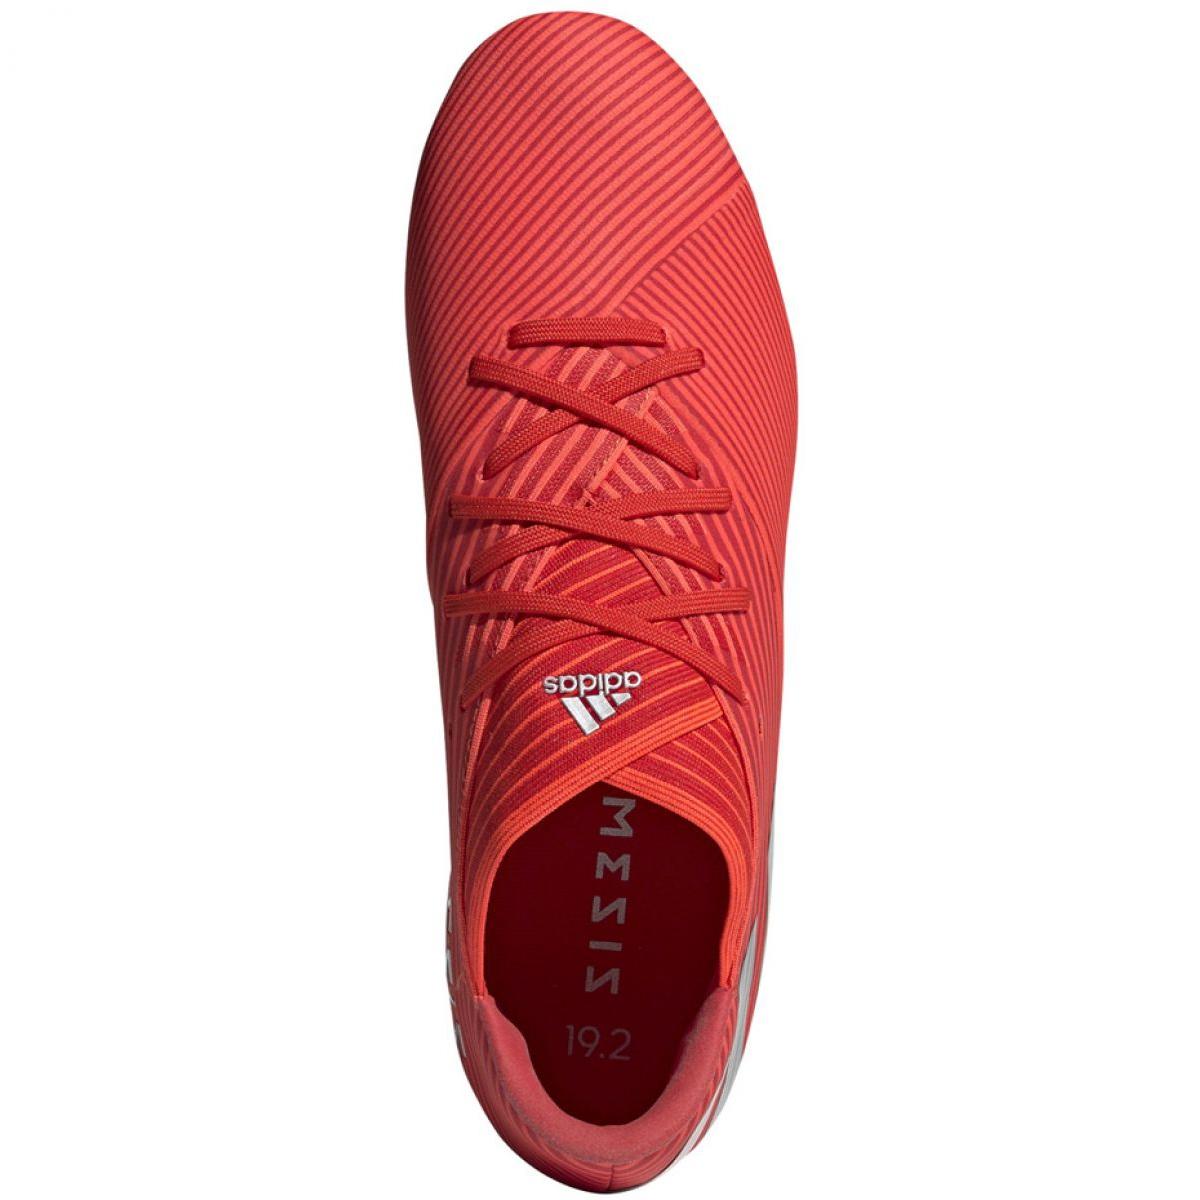 Chuteiras de futebol adidas Nemeziz 19.2 Fg M F34385 vermelho vermelho